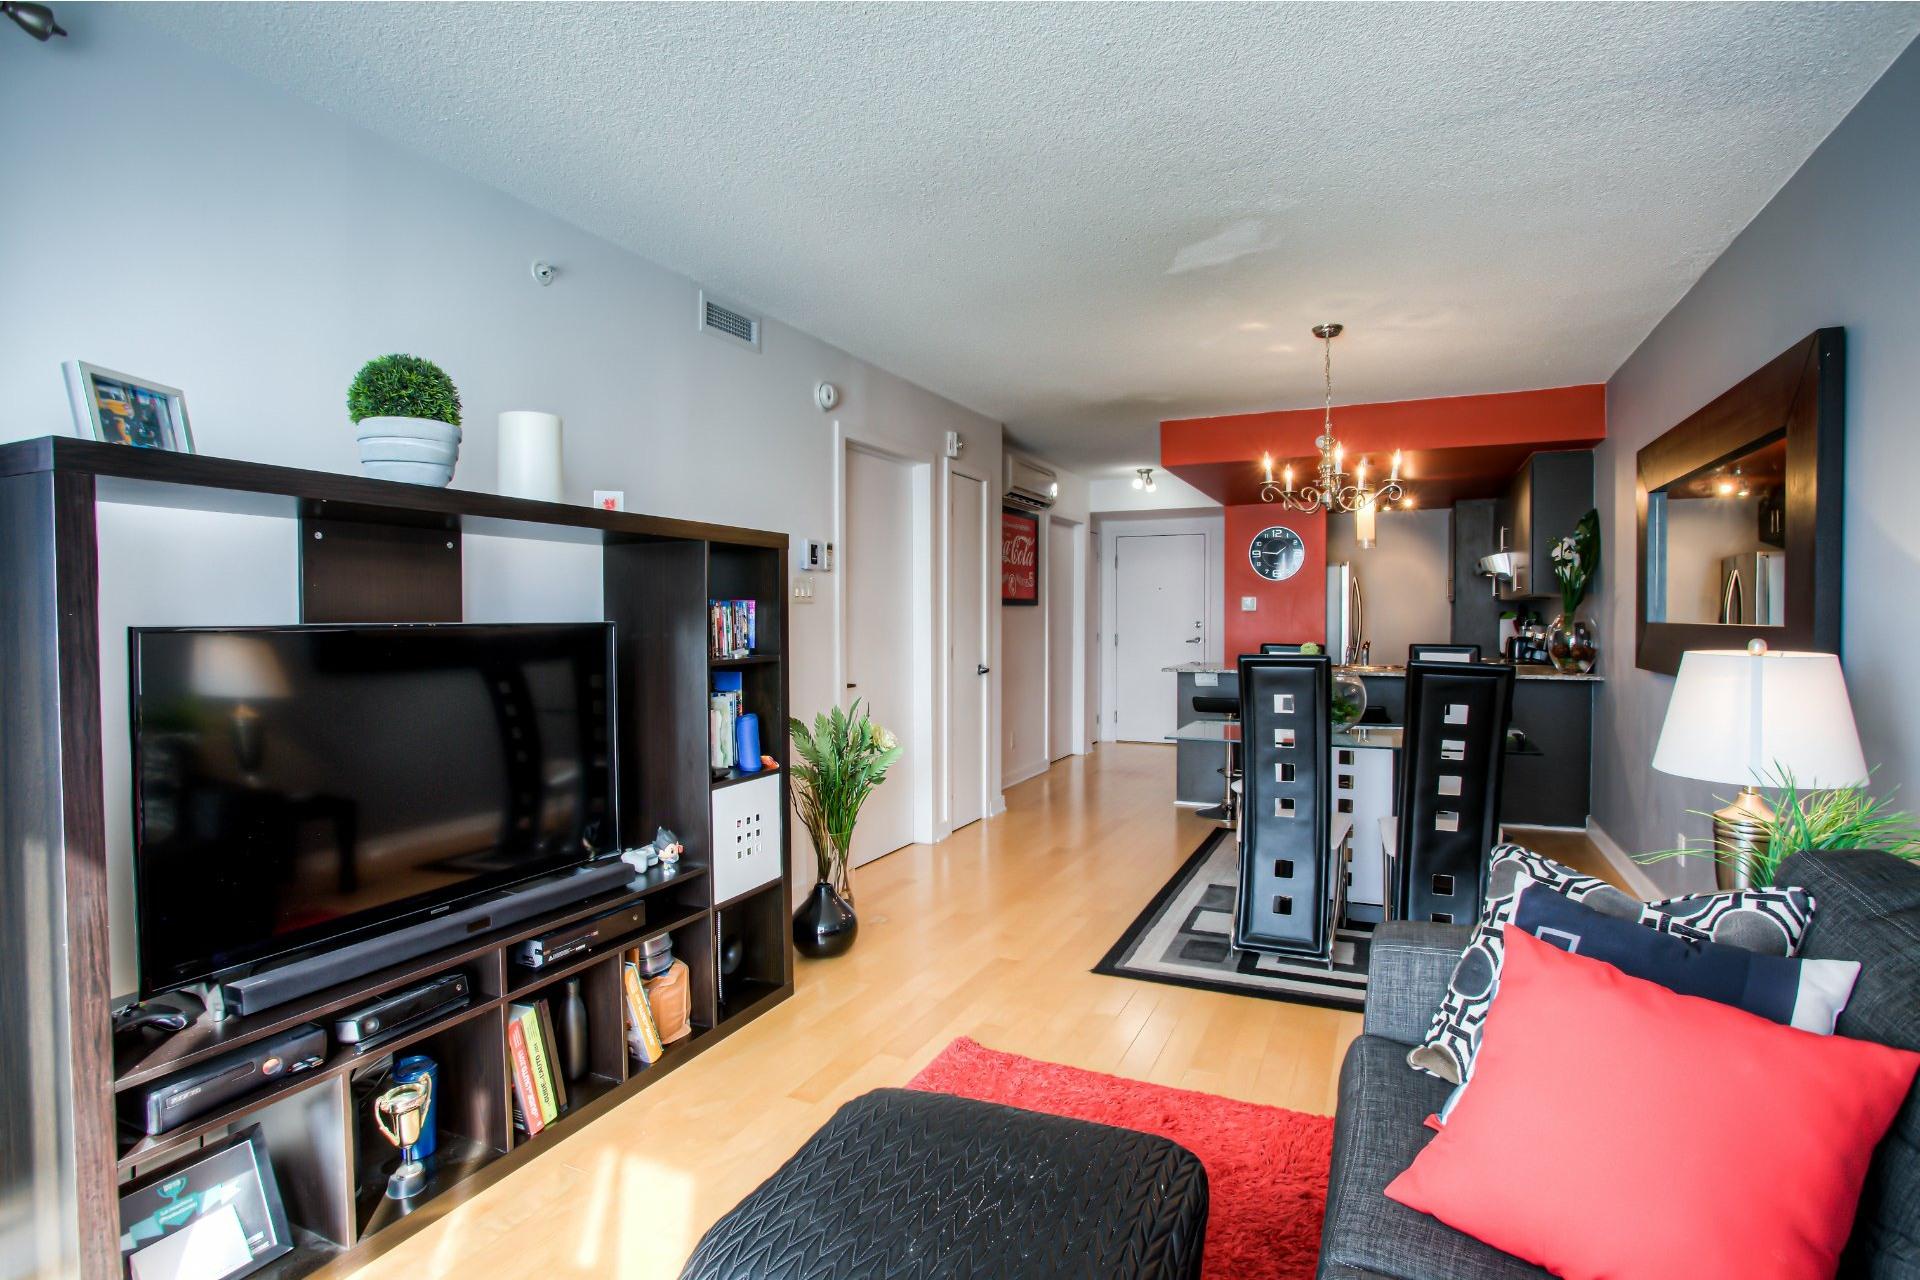 image 4 - Appartement À vendre Ahuntsic-Cartierville Montréal  - 3 pièces